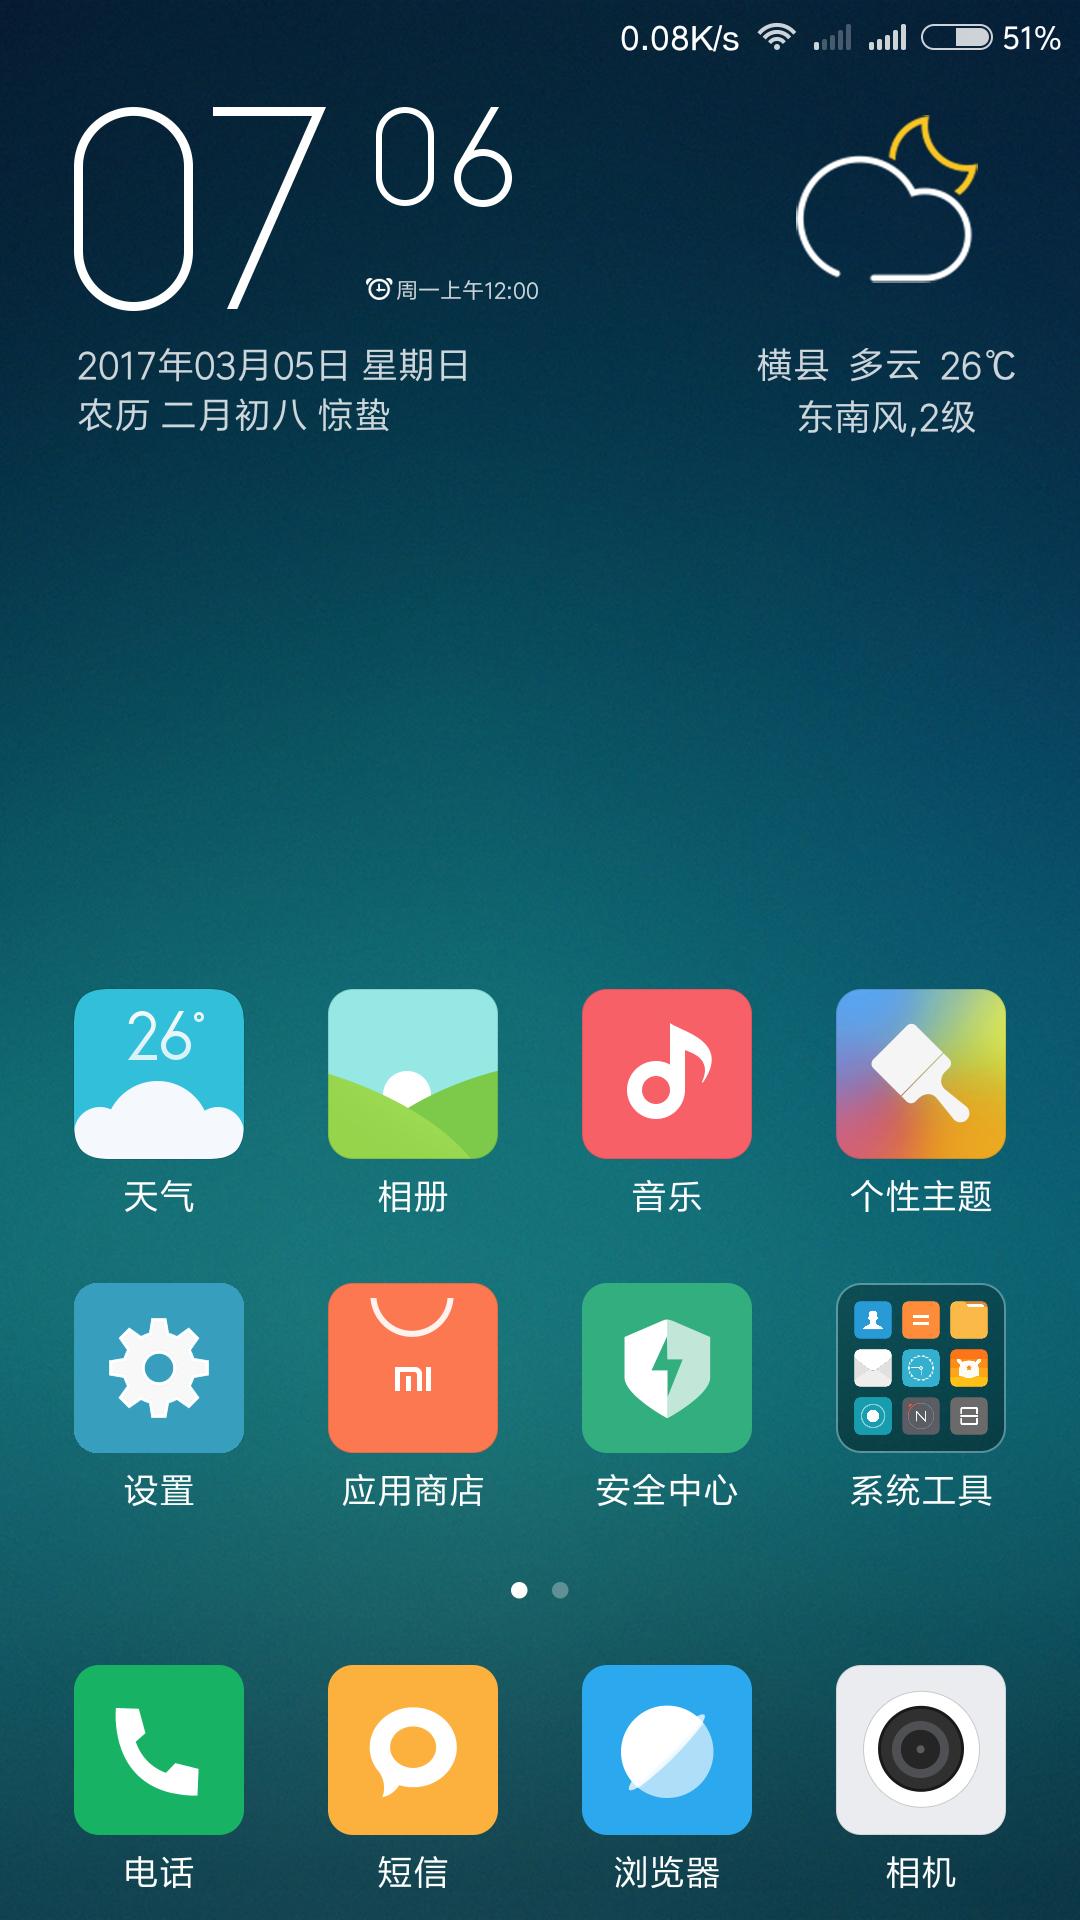 Screenshot_2017-03-05-19-06-17-671_com.miui.home.png